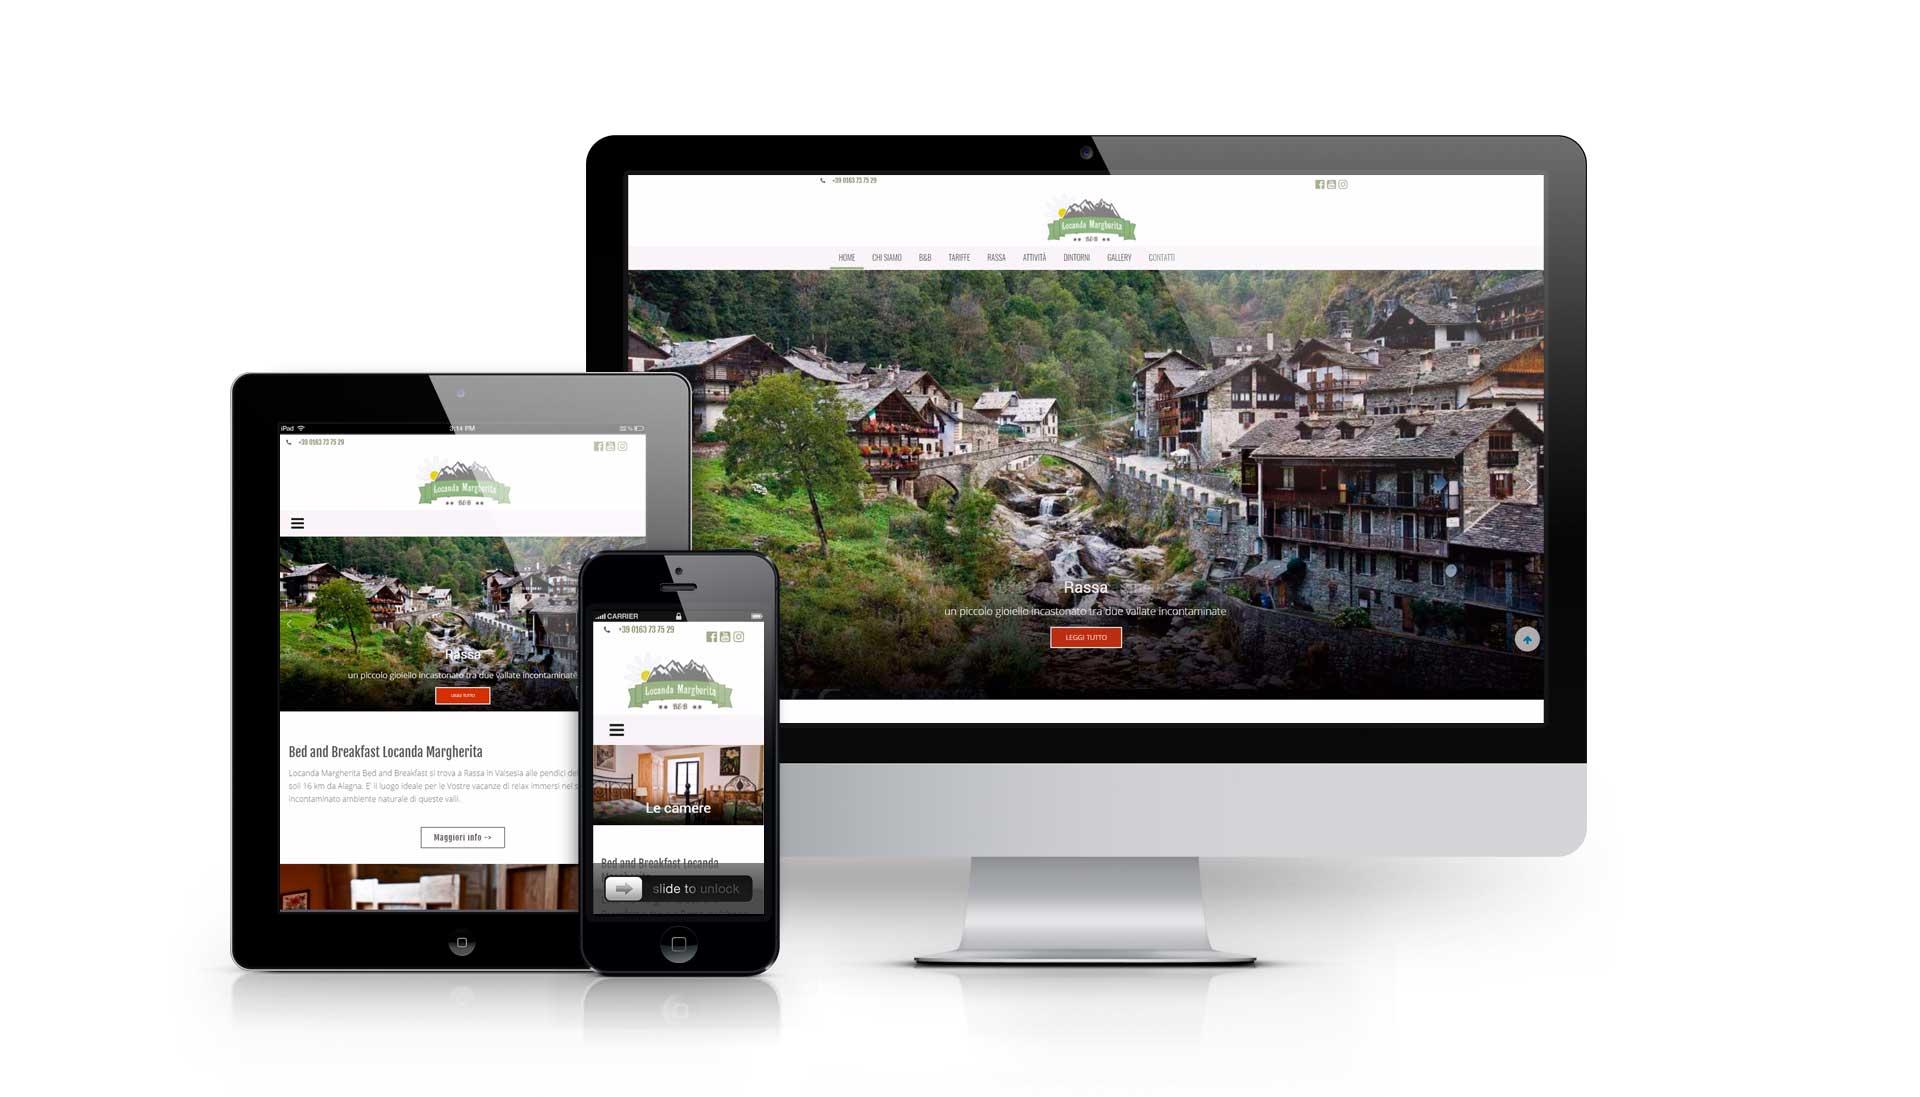 Realizzazione sito web locandamargherita.com